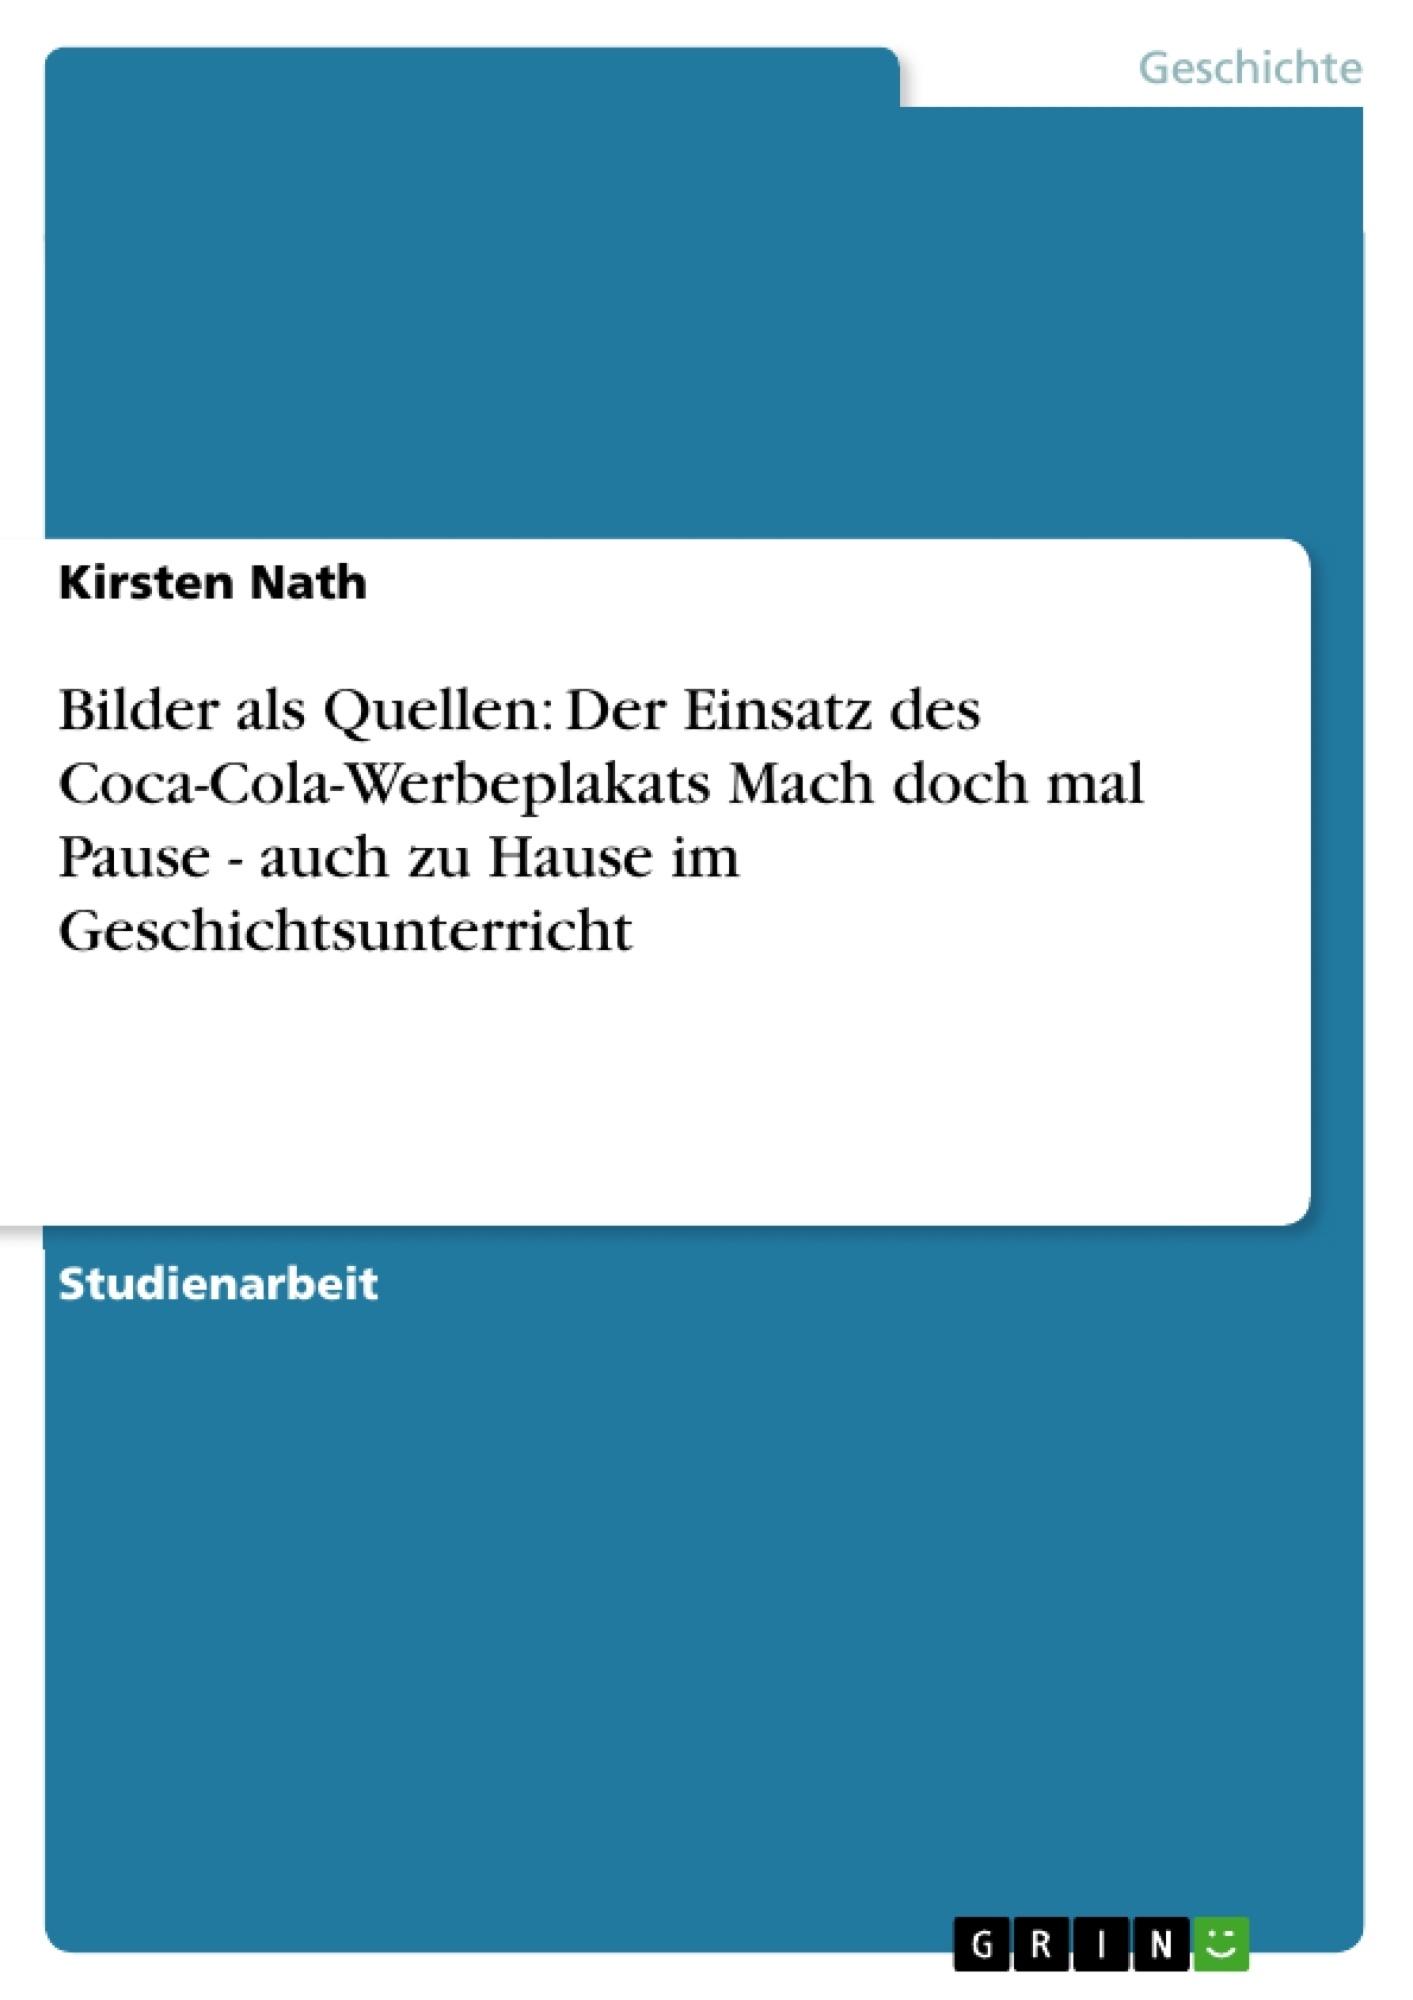 Titel: Bilder als Quellen: Der Einsatz des Coca-Cola-Werbeplakats Mach doch mal Pause - auch zu Hause im Geschichtsunterricht